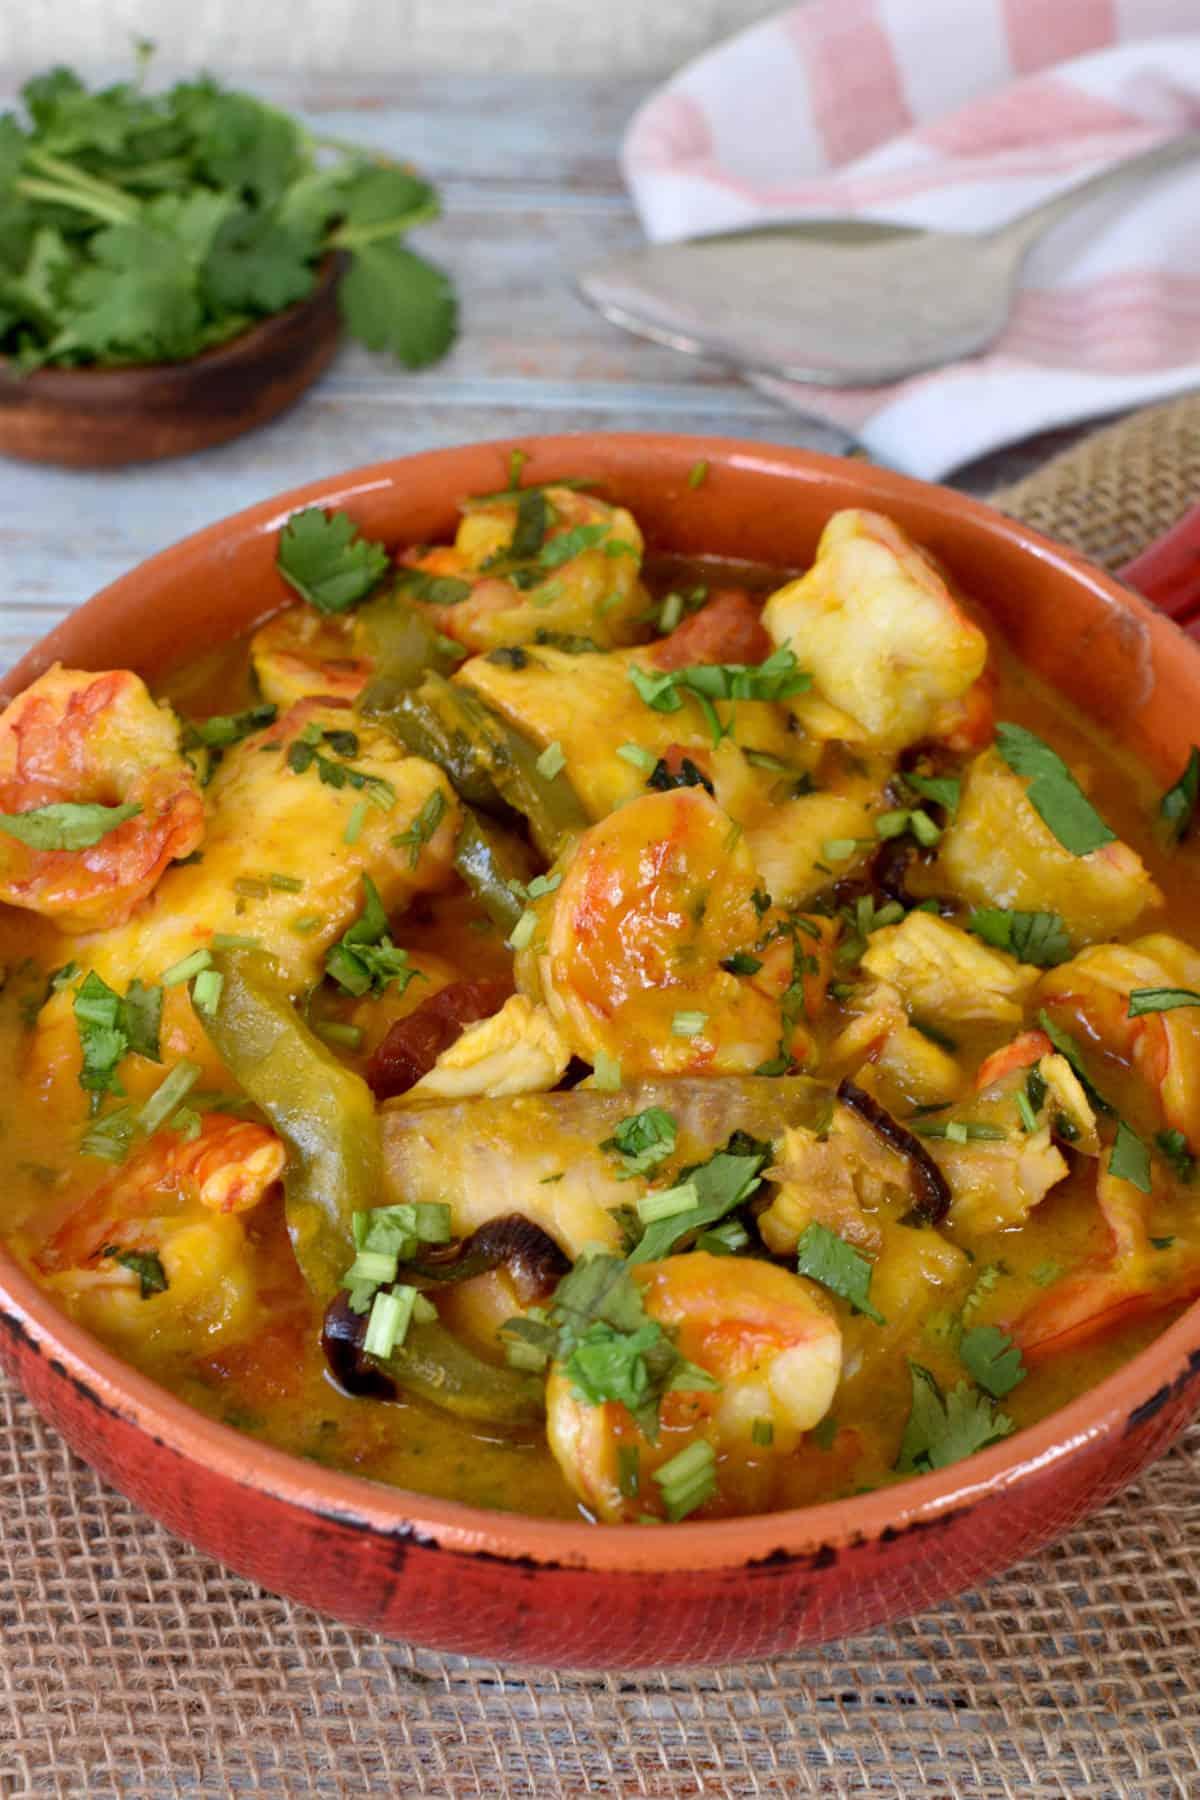 peixe, camarão, legumes e cilantro, com molho em uma panela de barro